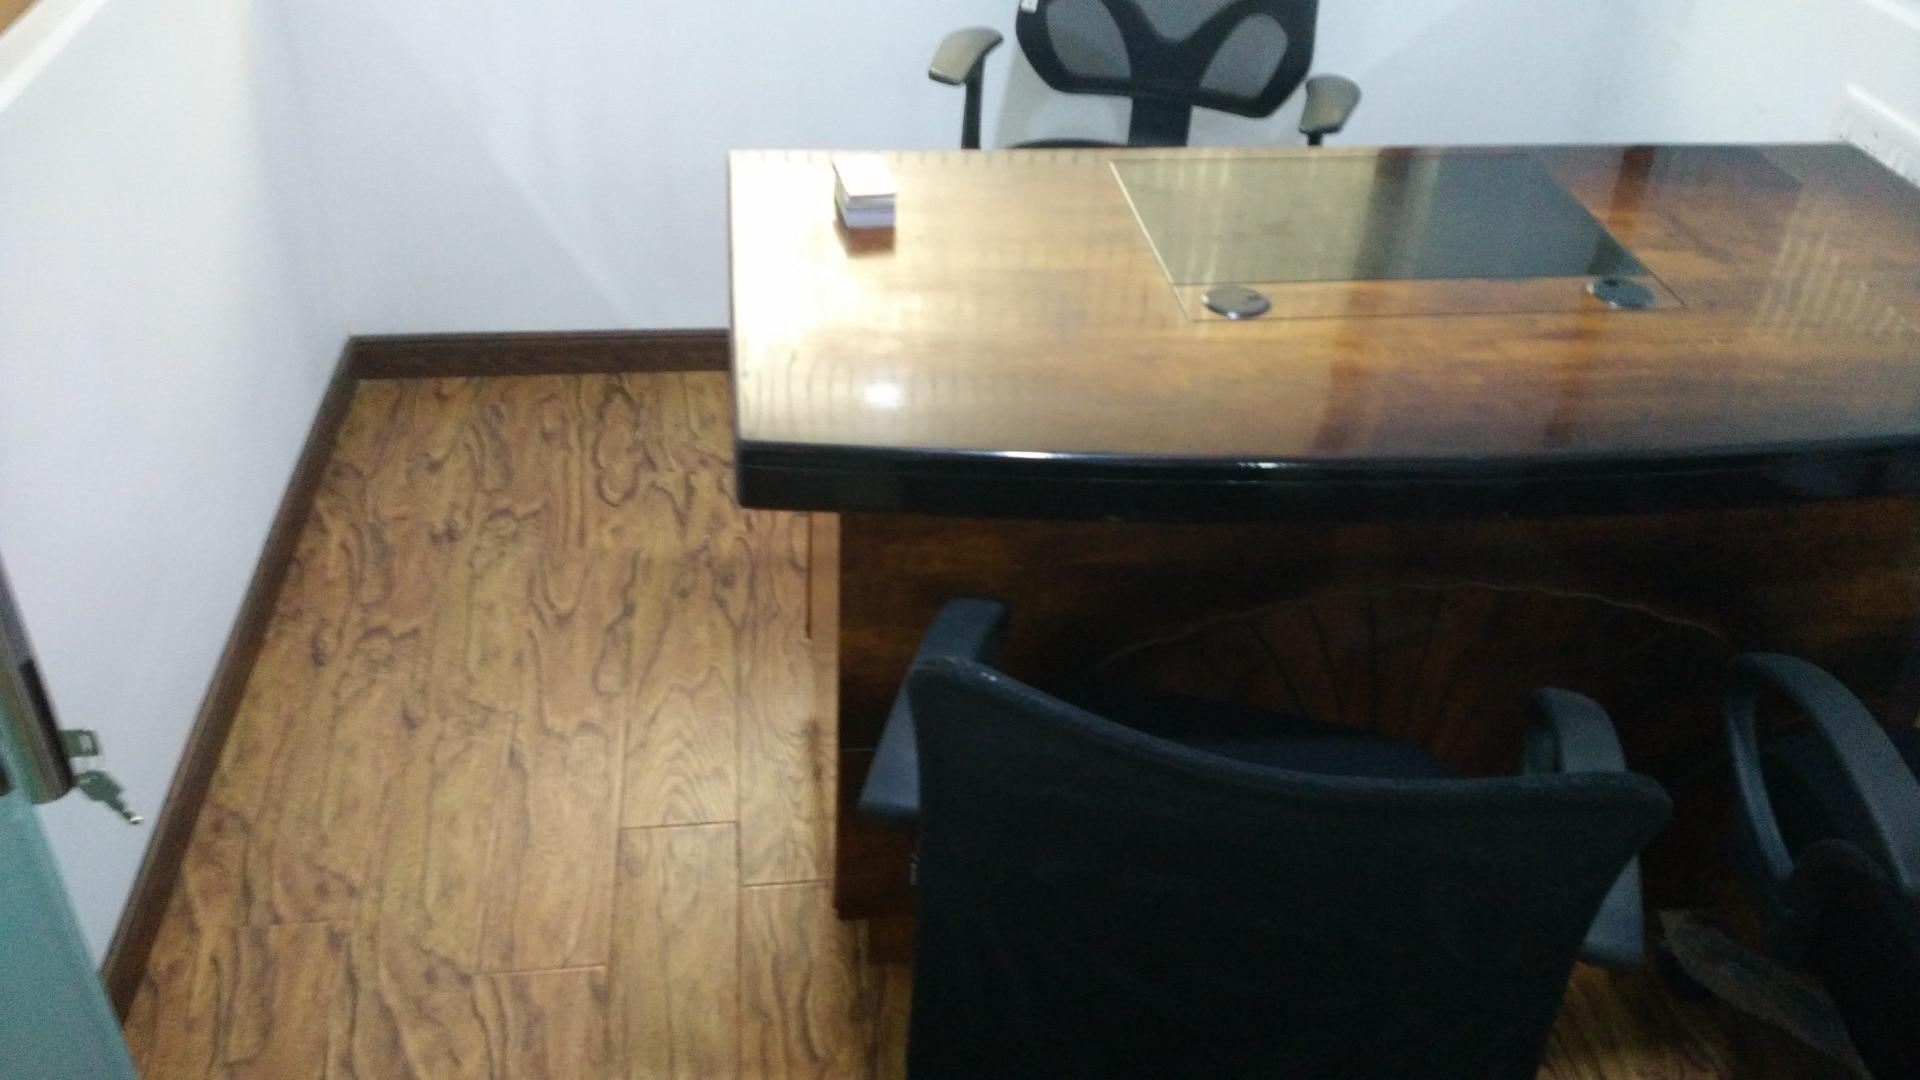 IBIS Laminated Woode